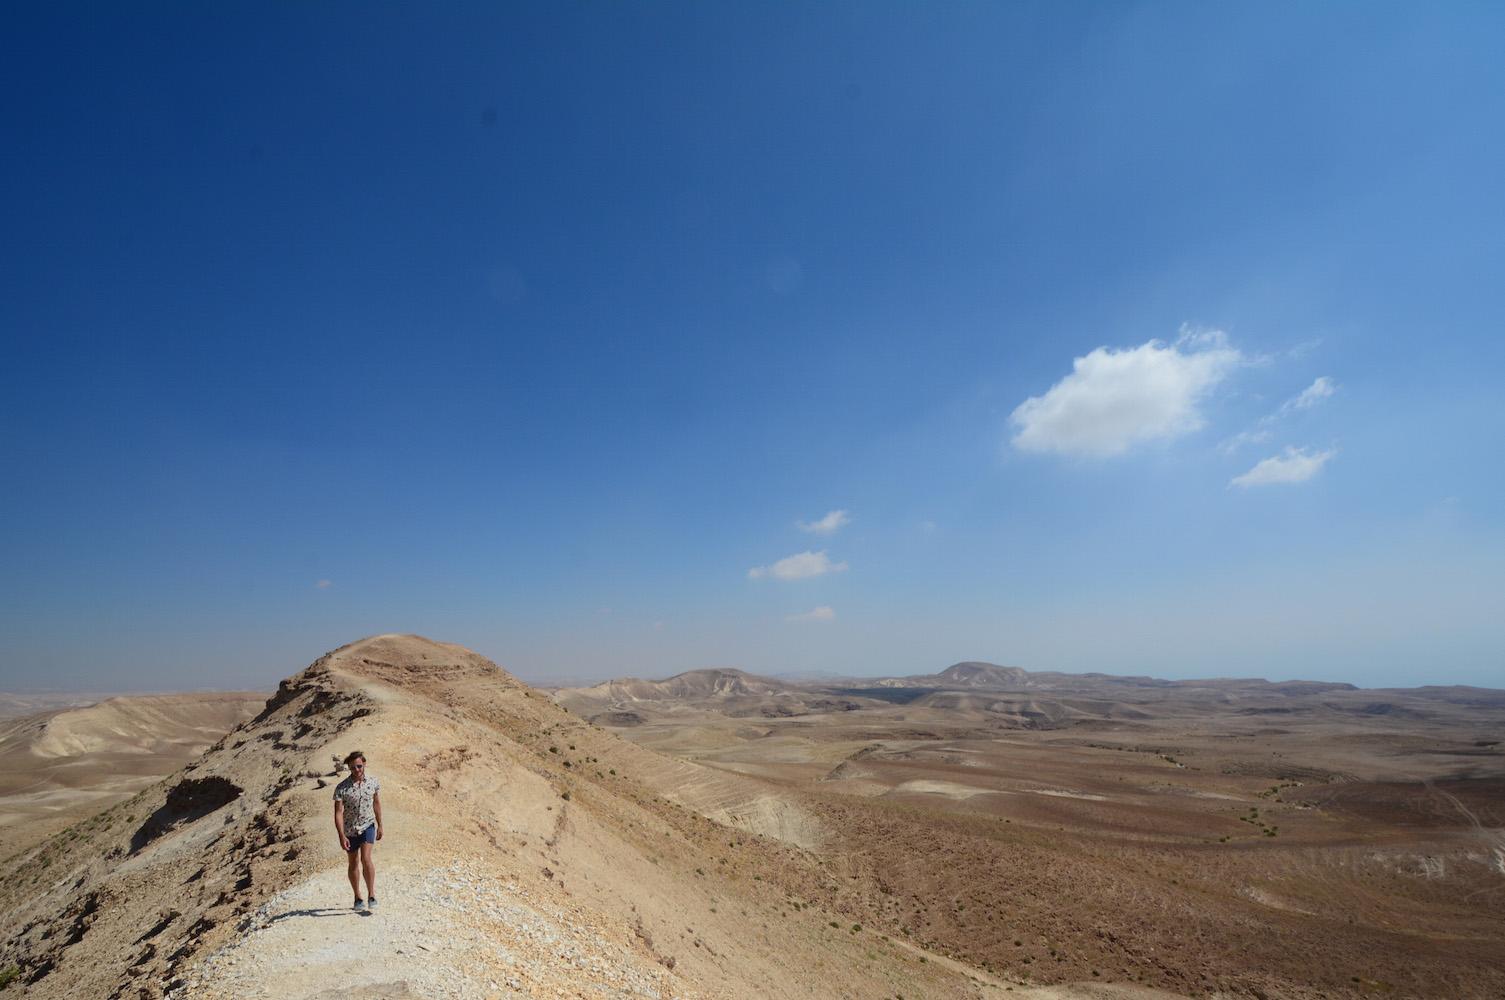 Robert Schrader hiking on a mountain ride in Judean desert